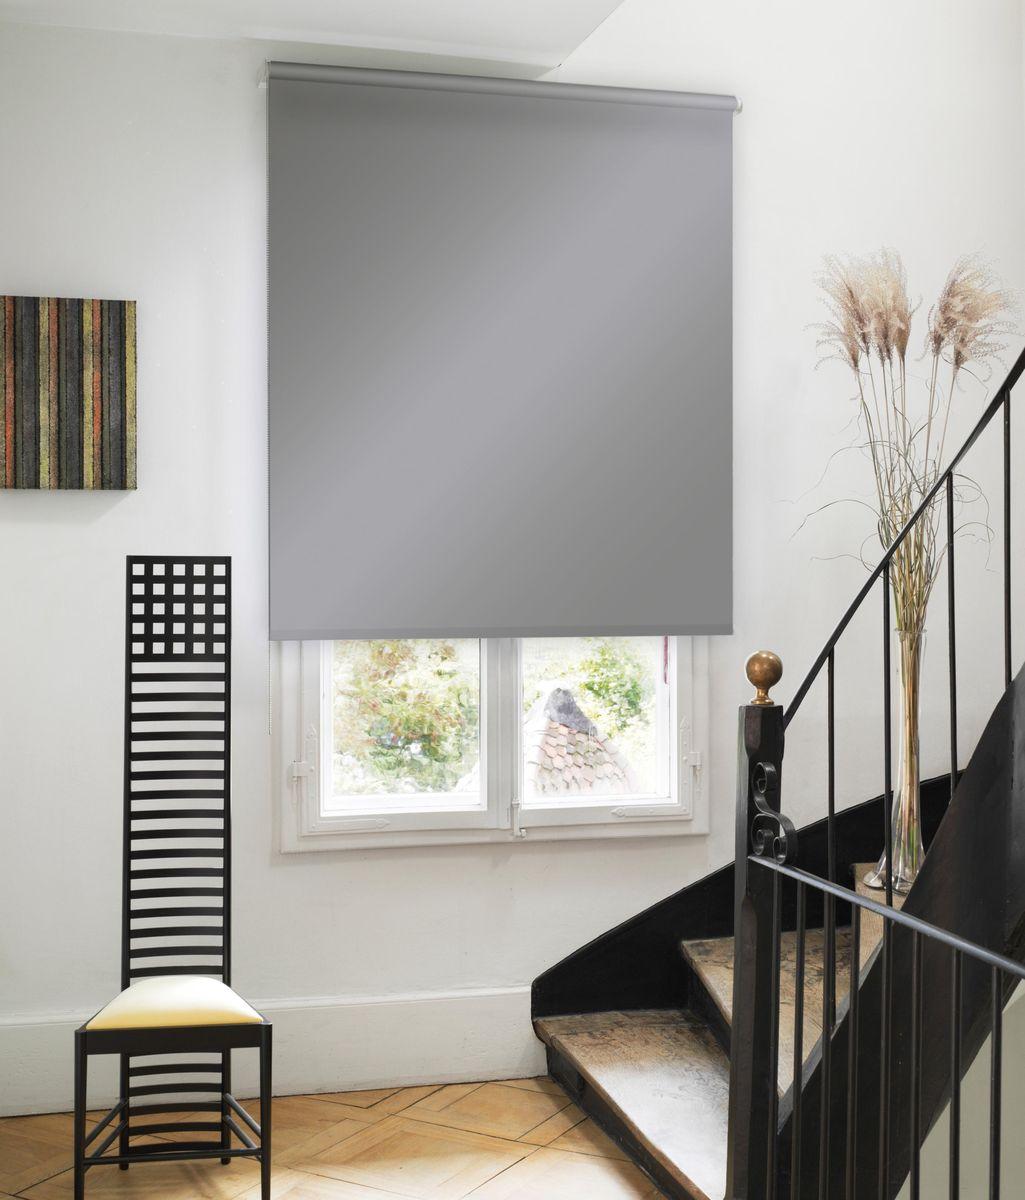 Штора рулонная Эскар, цвет: серый, ширина 160 см, высота 170 см81020160170Рулонными шторами можно оформлять окна как самостоятельно, так и использовать в комбинации с портьерами. Это поможет предотвратить выгорание дорогой ткани на солнце и соединит функционал рулонных с красотой навесных. Преимущества применения рулонных штор для пластиковых окон: - имеют прекрасный внешний вид: многообразие и фактурность материала изделия отлично смотрятся в любом интерьере; - многофункциональны: есть возможность подобрать шторы способные эффективно защитить комнату от солнца, при этом она не будет слишком темной. - Есть возможность осуществить быстрый монтаж. ВНИМАНИЕ! Размеры ширины изделия указаны по ширине ткани! Во время эксплуатации не рекомендуется полностью разматывать рулон, чтобы не оторвать ткань от намоточного вала. В случае загрязнения поверхности ткани, чистку шторы проводят одним из способов, в зависимости от типа загрязнения: легкое поверхностное загрязнение можно удалить при помощи канцелярского ластика; чистка от пыли производится сухим методом при...